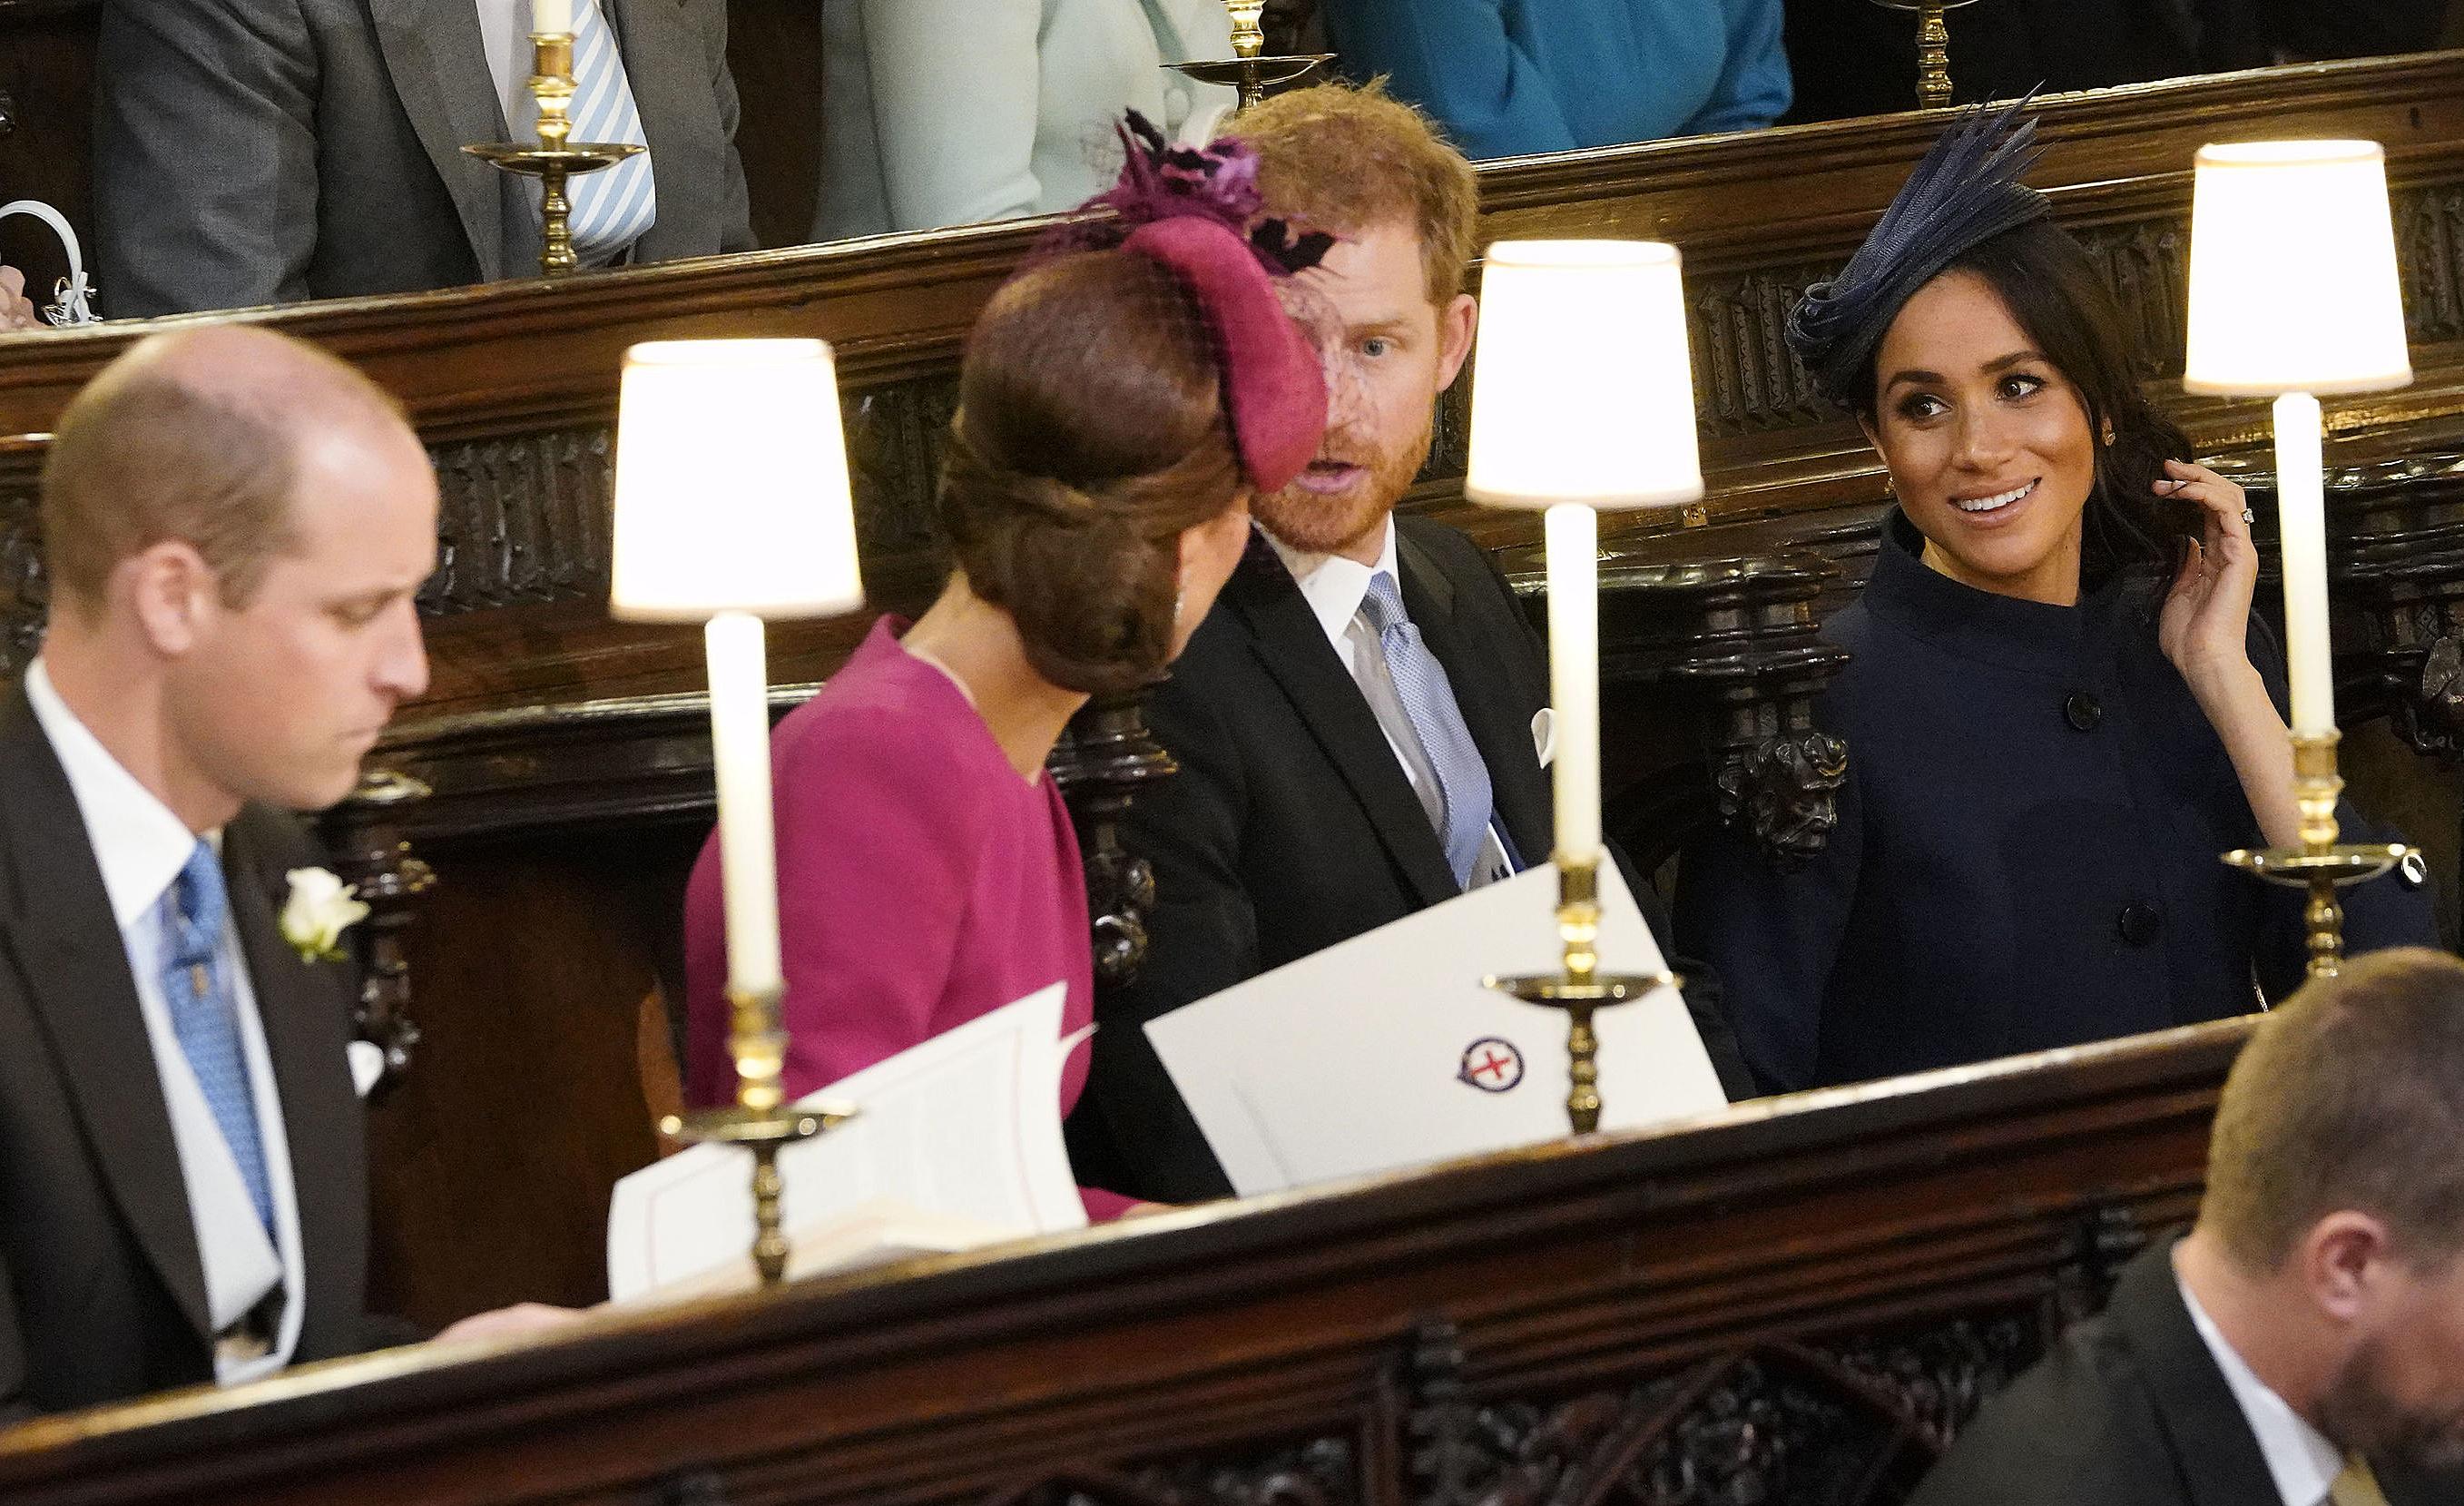 Los duques se sentaron en la misma